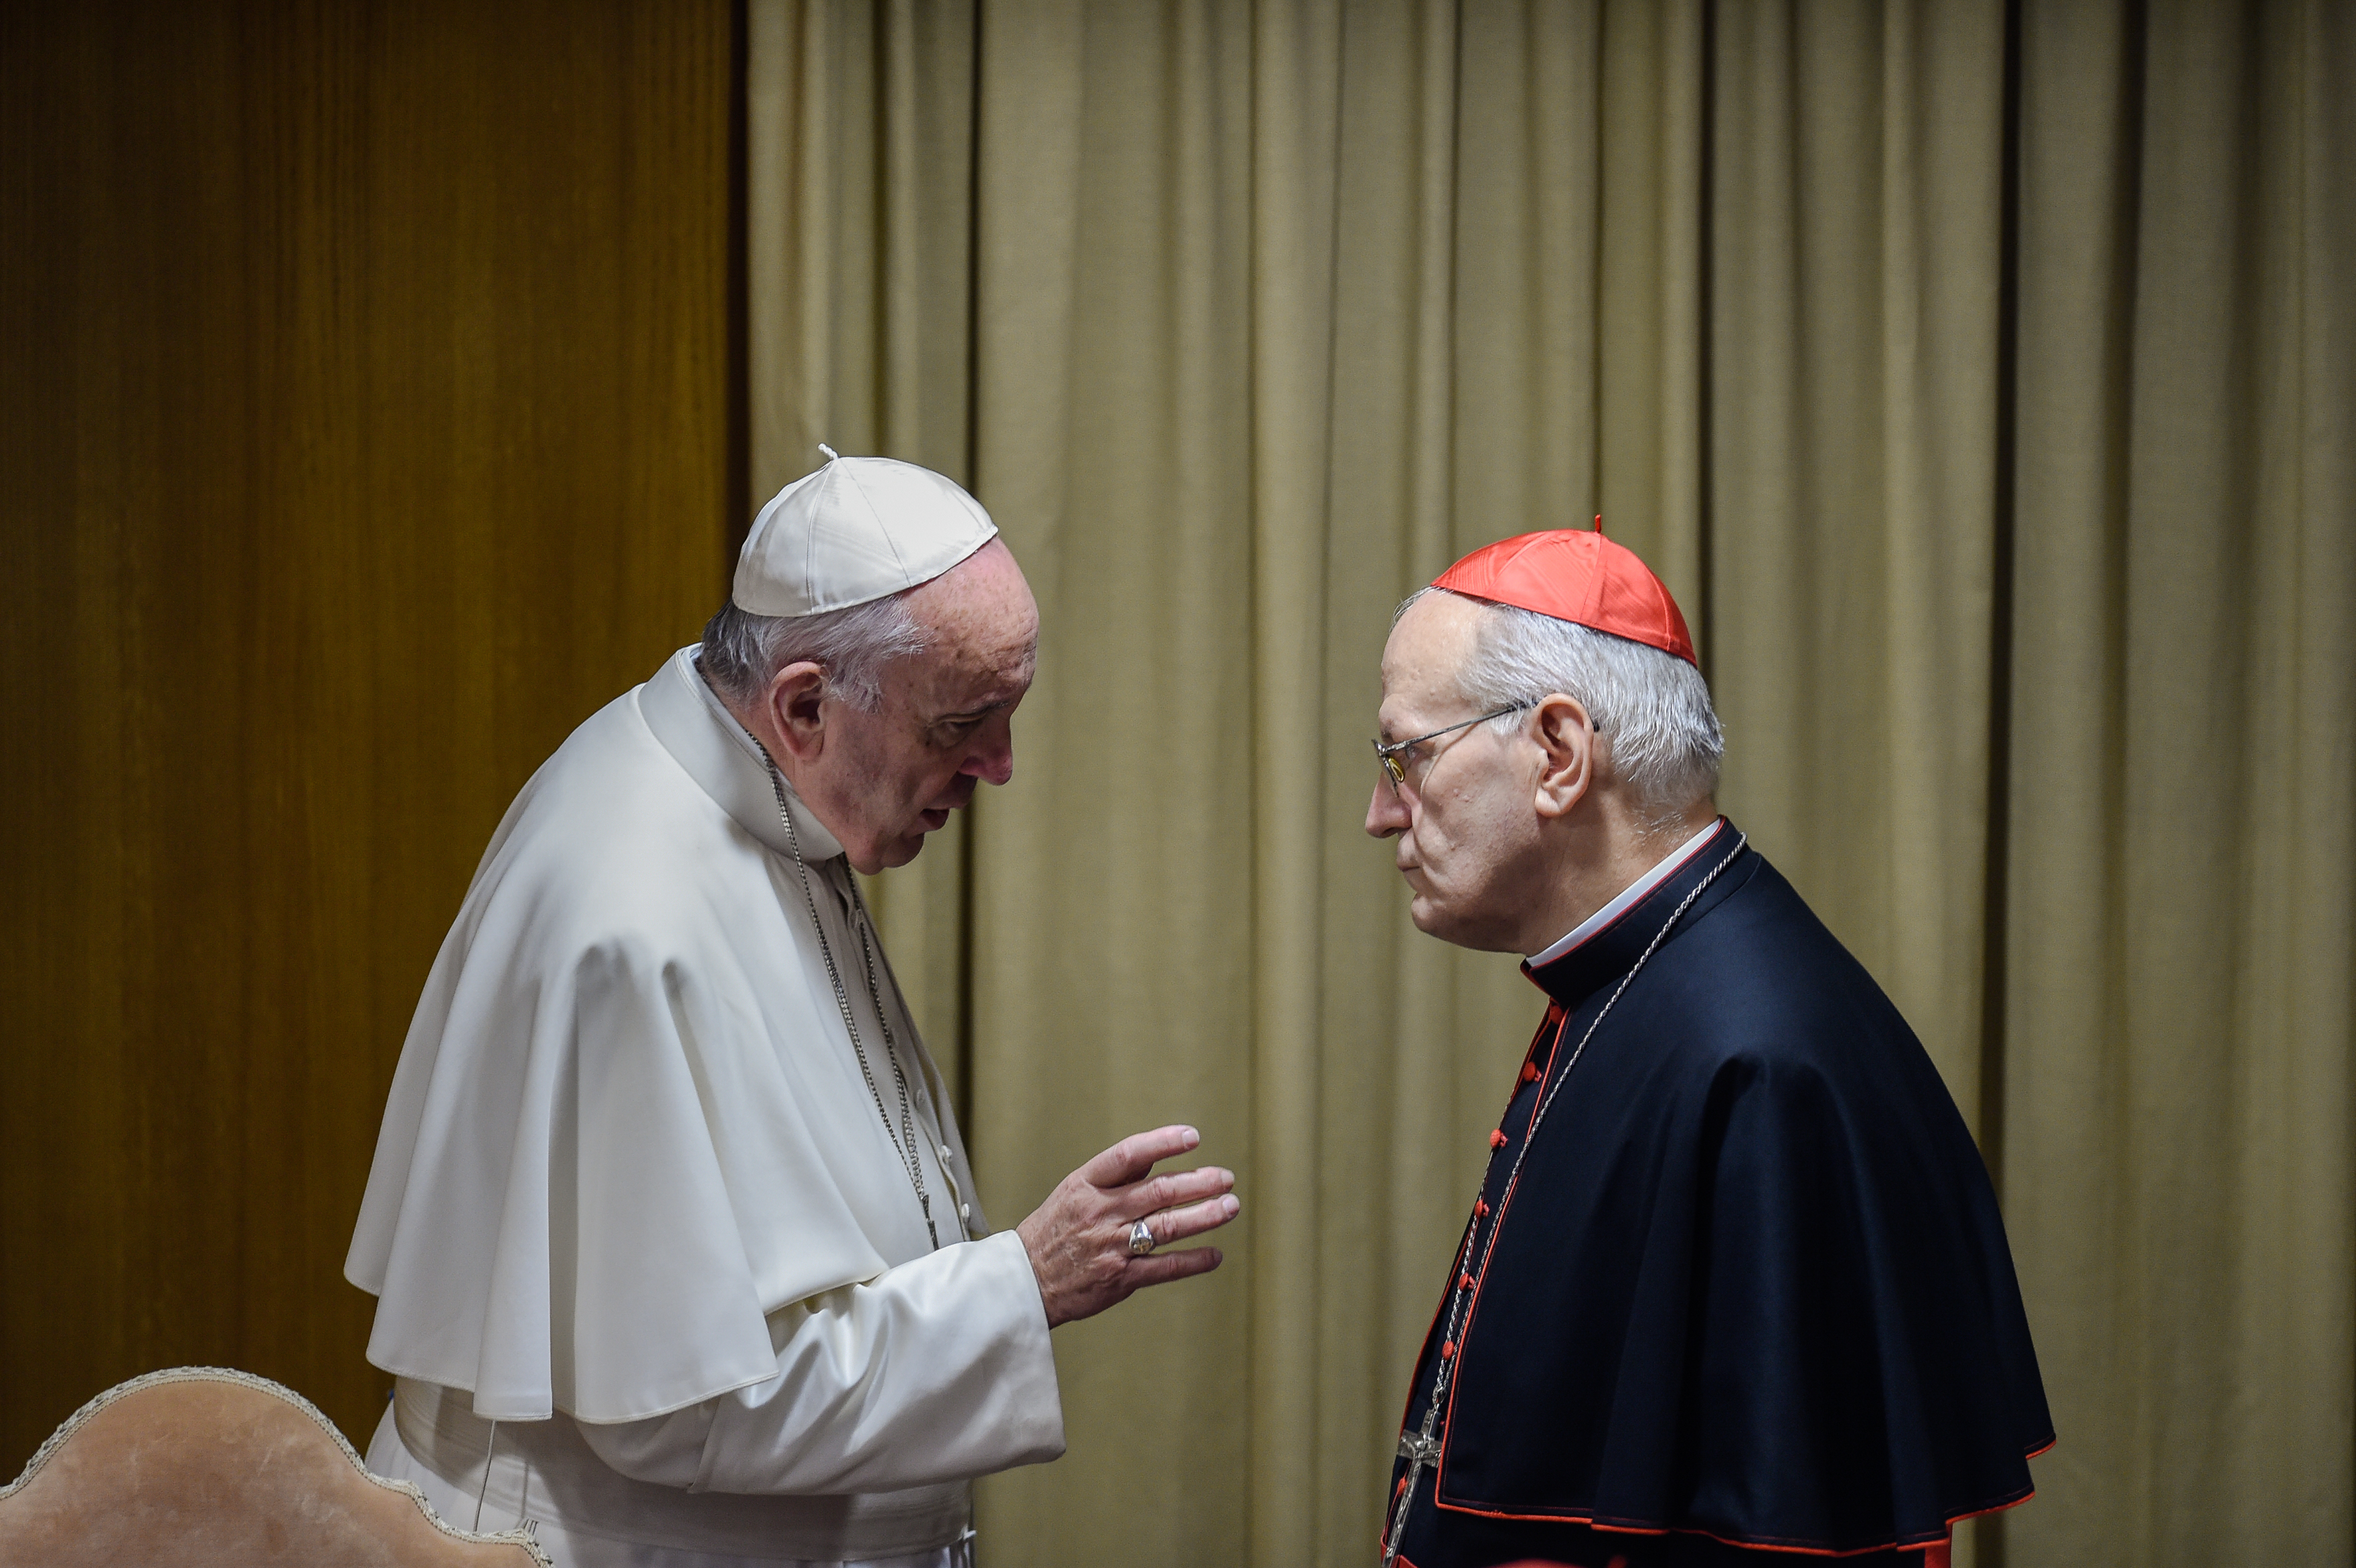 A magyar püspököknek is tanulságos olvasmány lesz a gyerekmolesztálási ügyek kezelésének vatikáni útmutatója